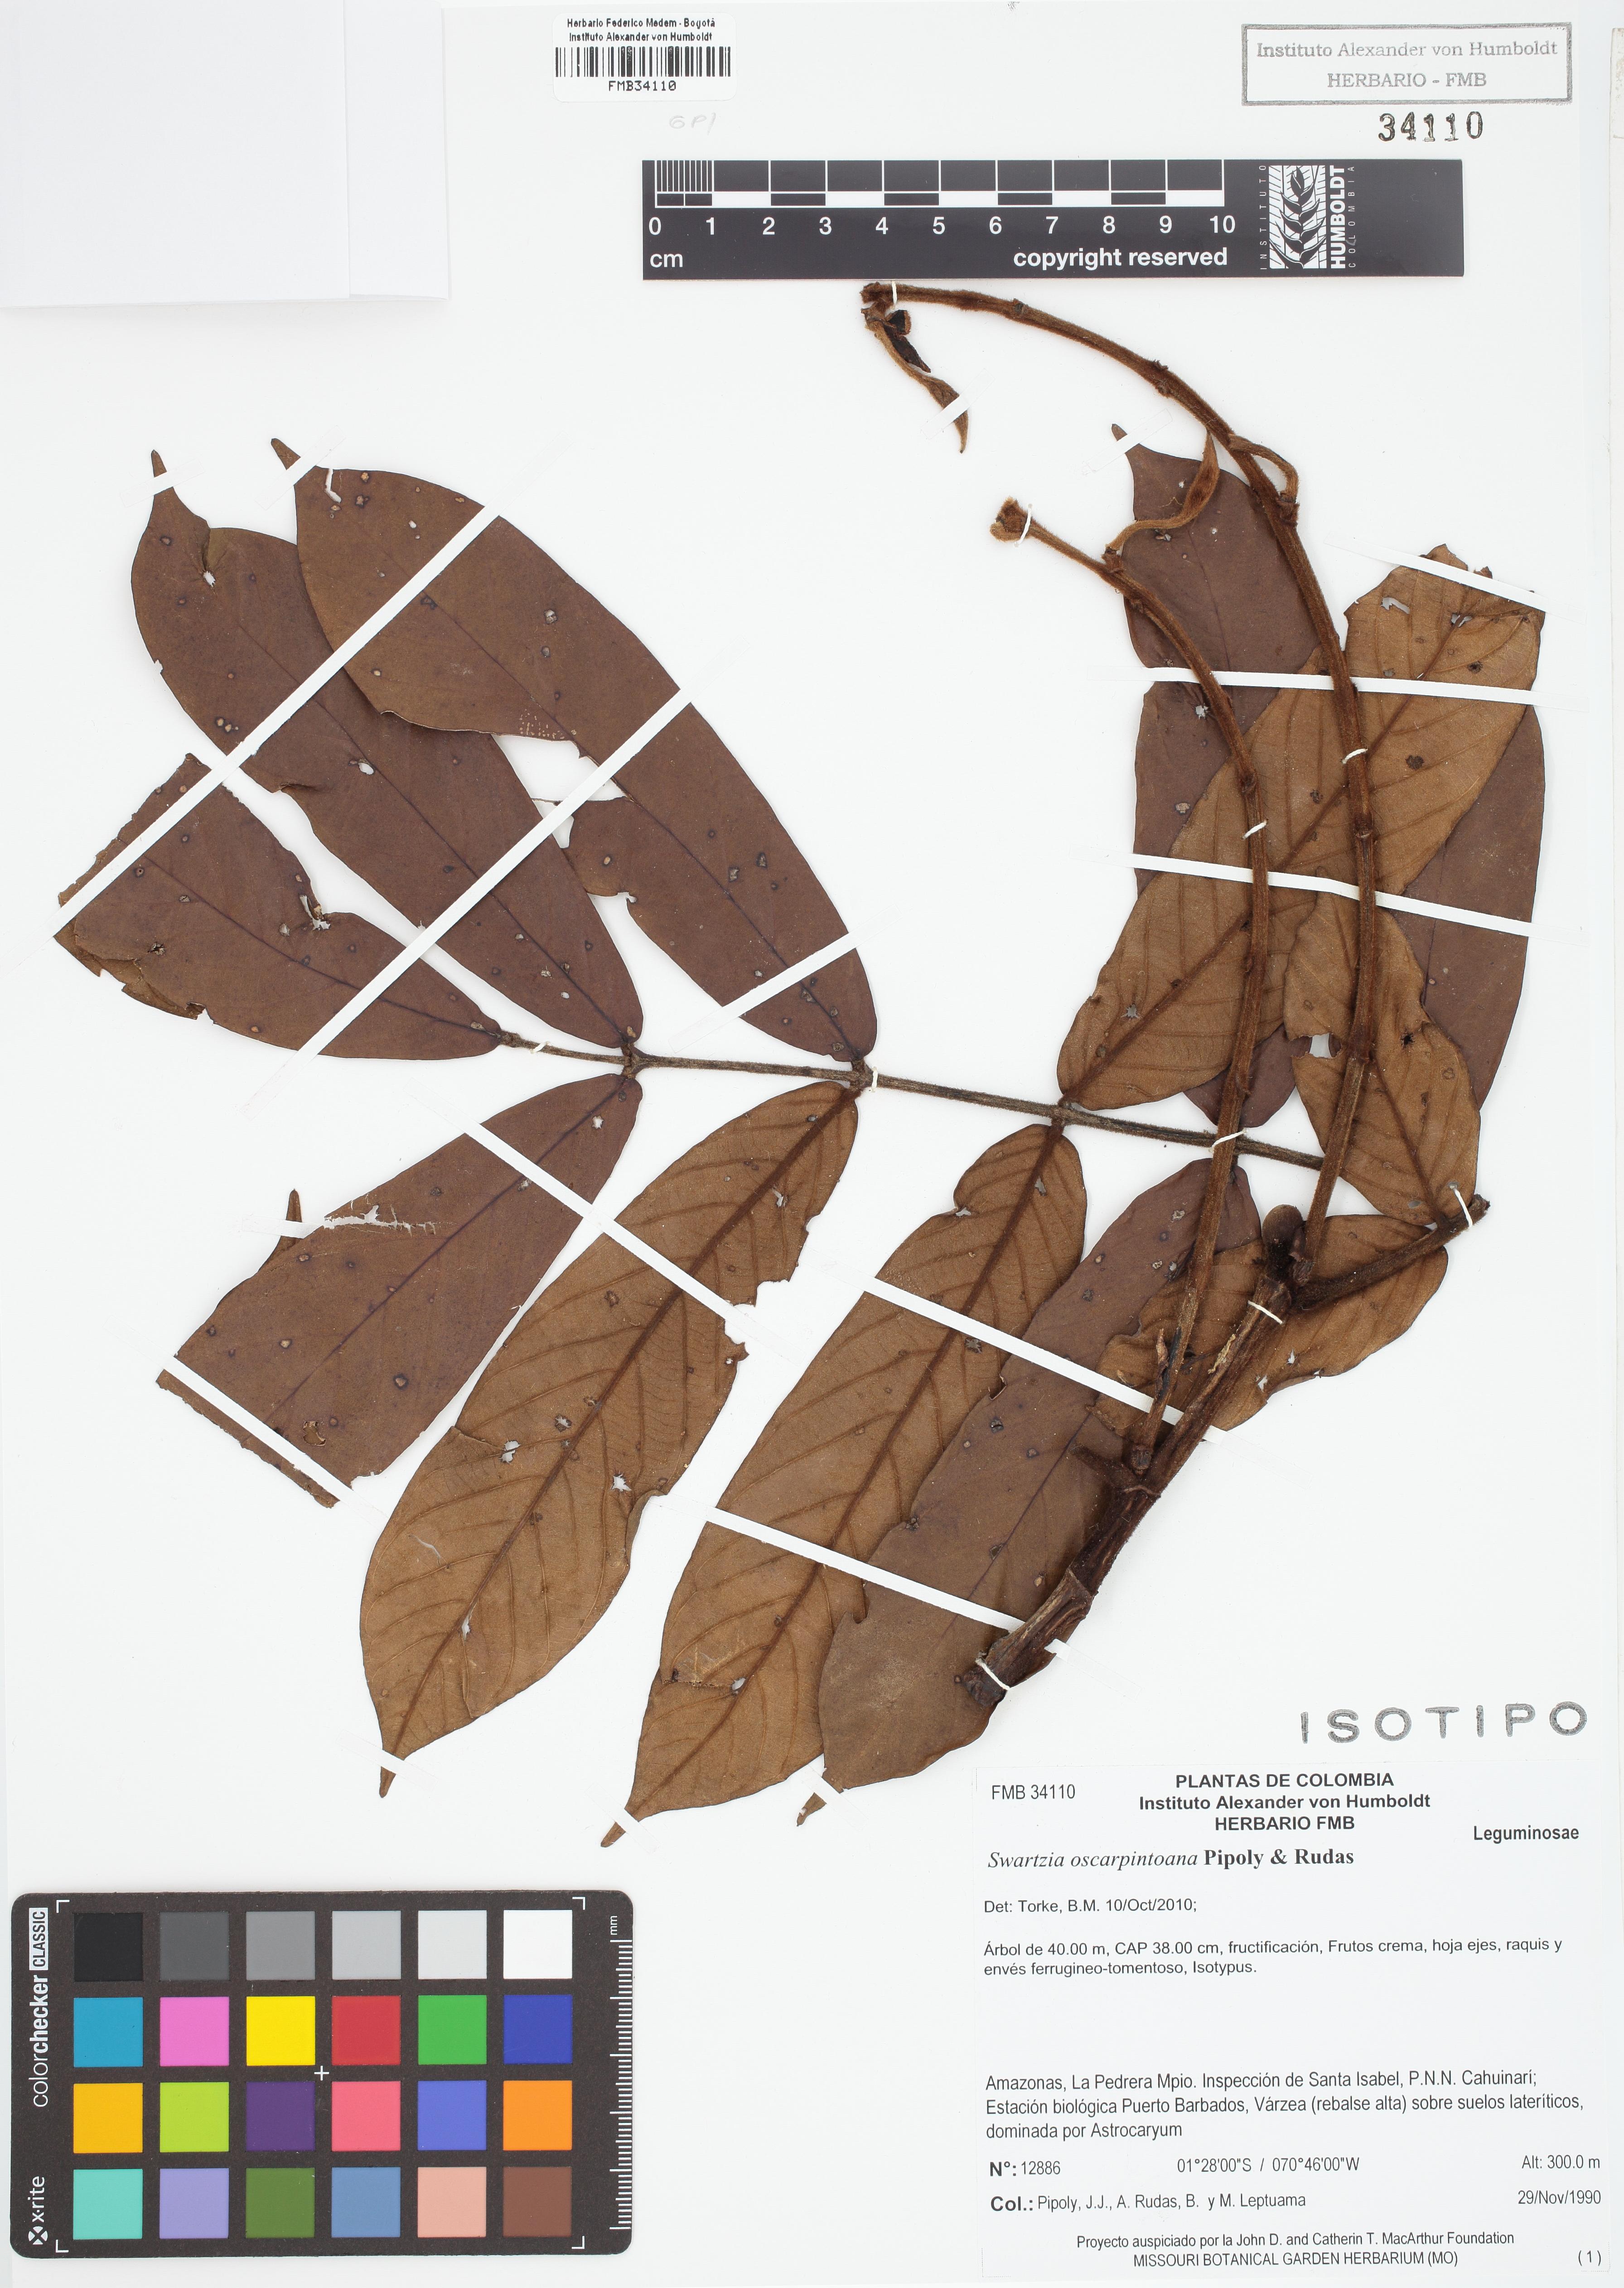 Isotipo de <em>Swartzia oscarpintoana</em>, FMB-34110, Fotografía por Robles A.